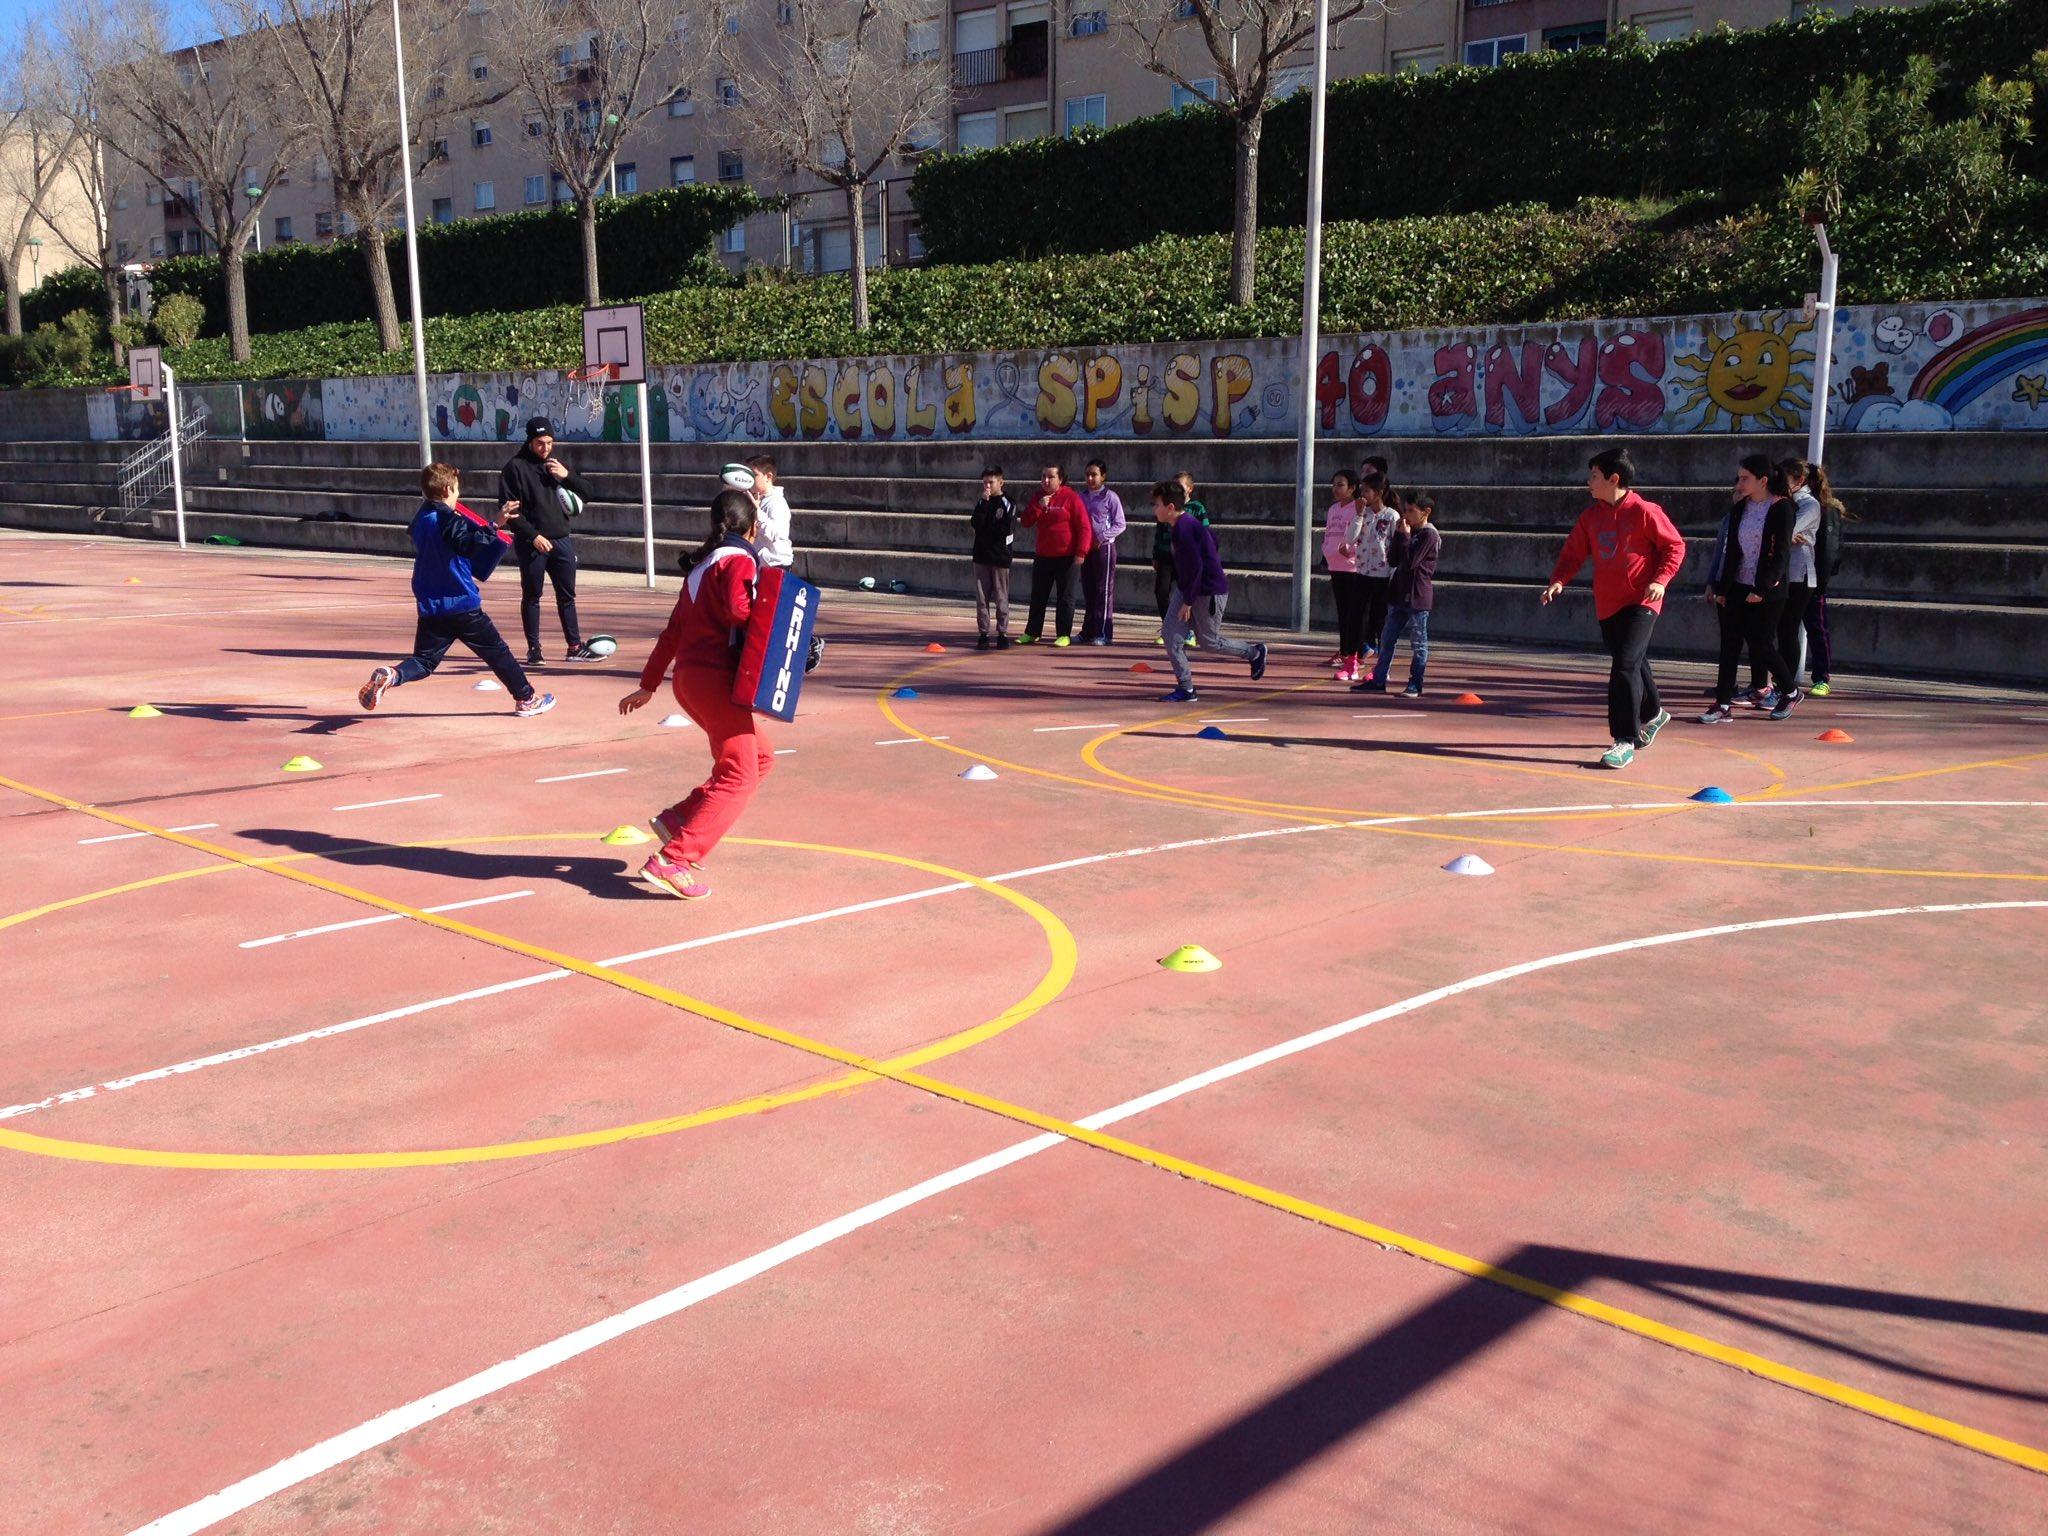 6e-rugbytarragona-feb17-1